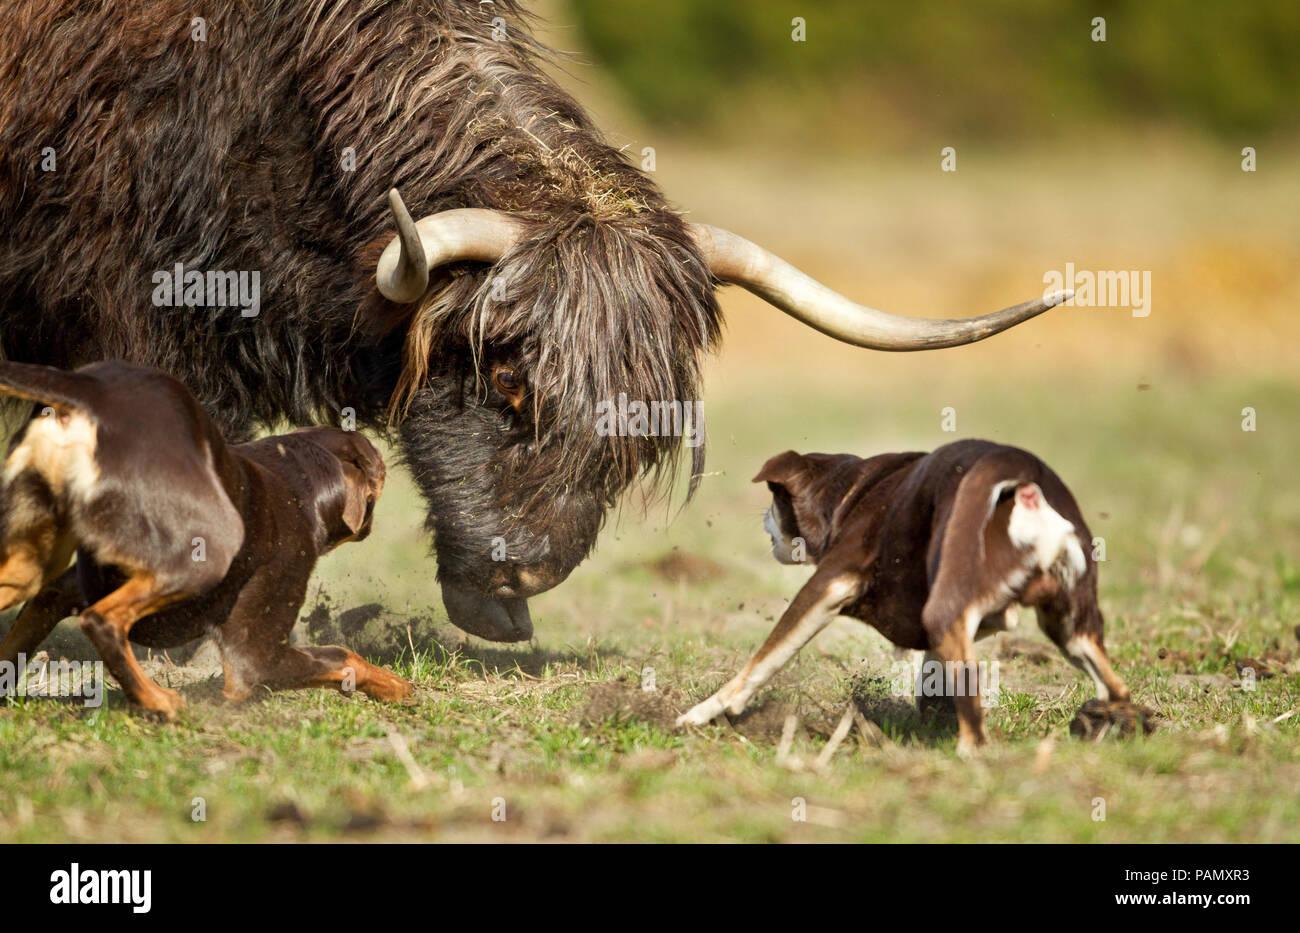 Australian Kelpie di lavoro. Due cani adulti allevamento del bestiame (bovini Highland ?). Bassa Sassonia, Germania. Immagini Stock